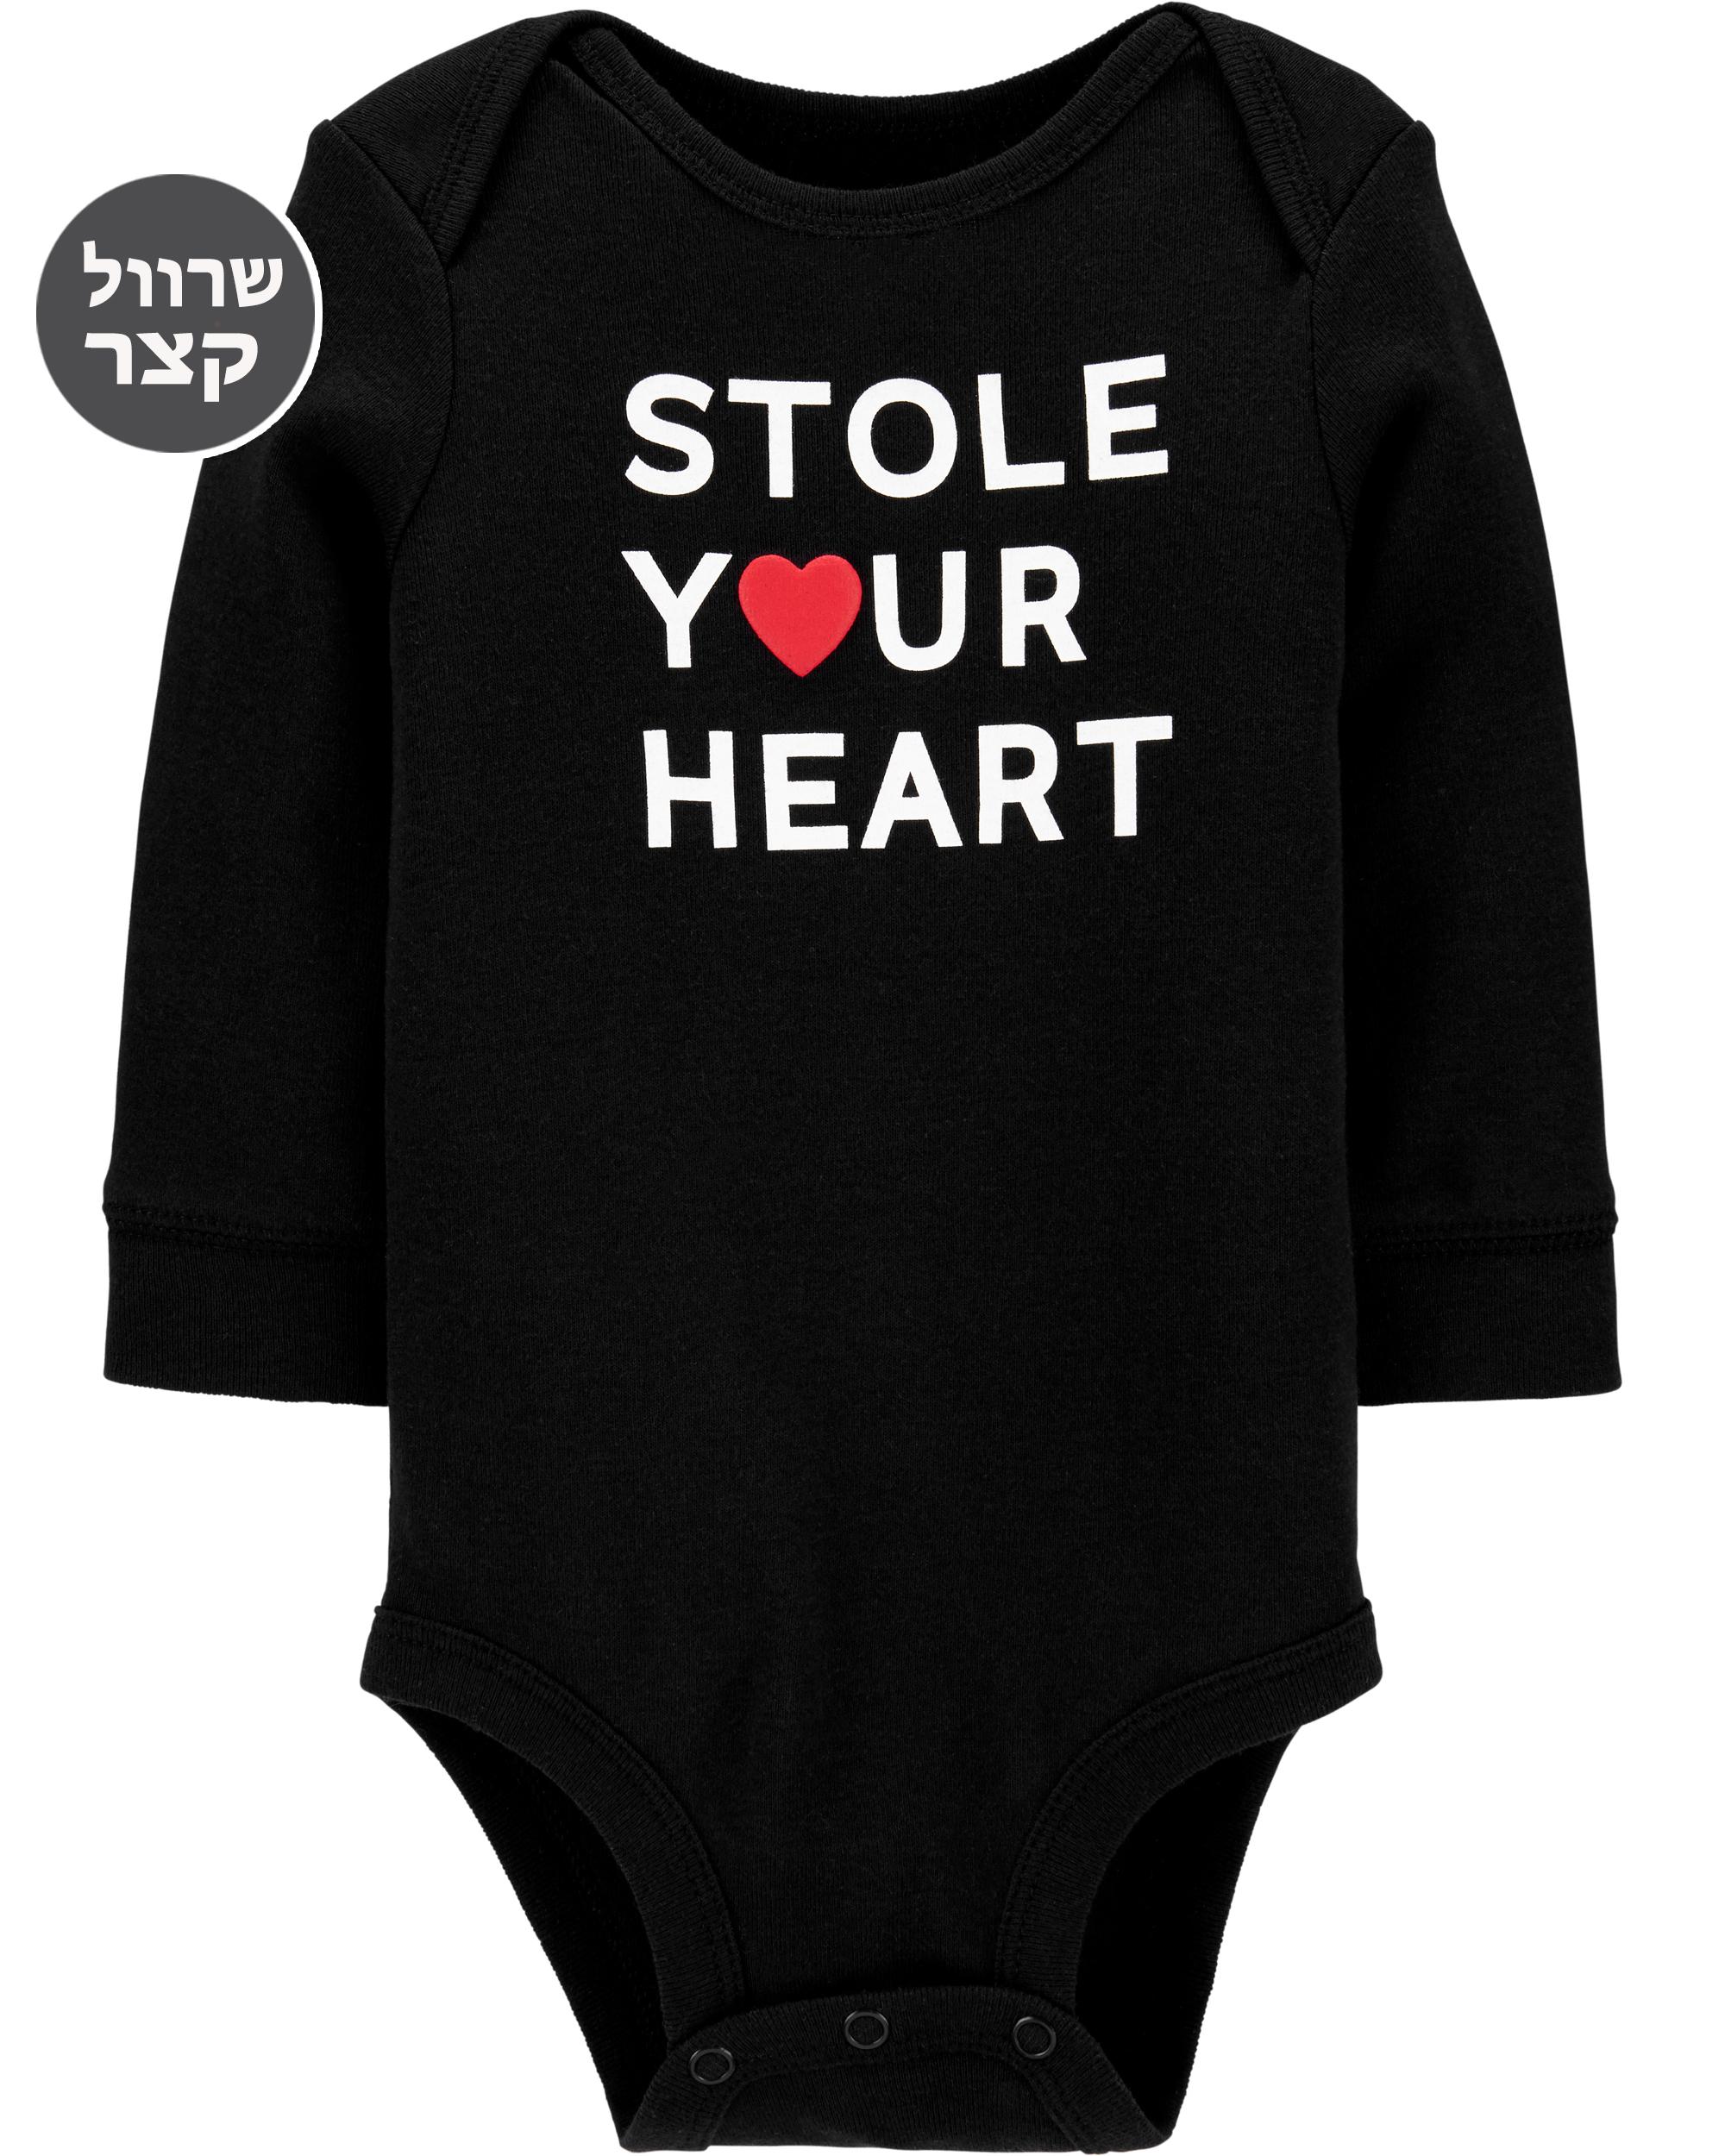 STOLE YOUR HEART בגד גוף